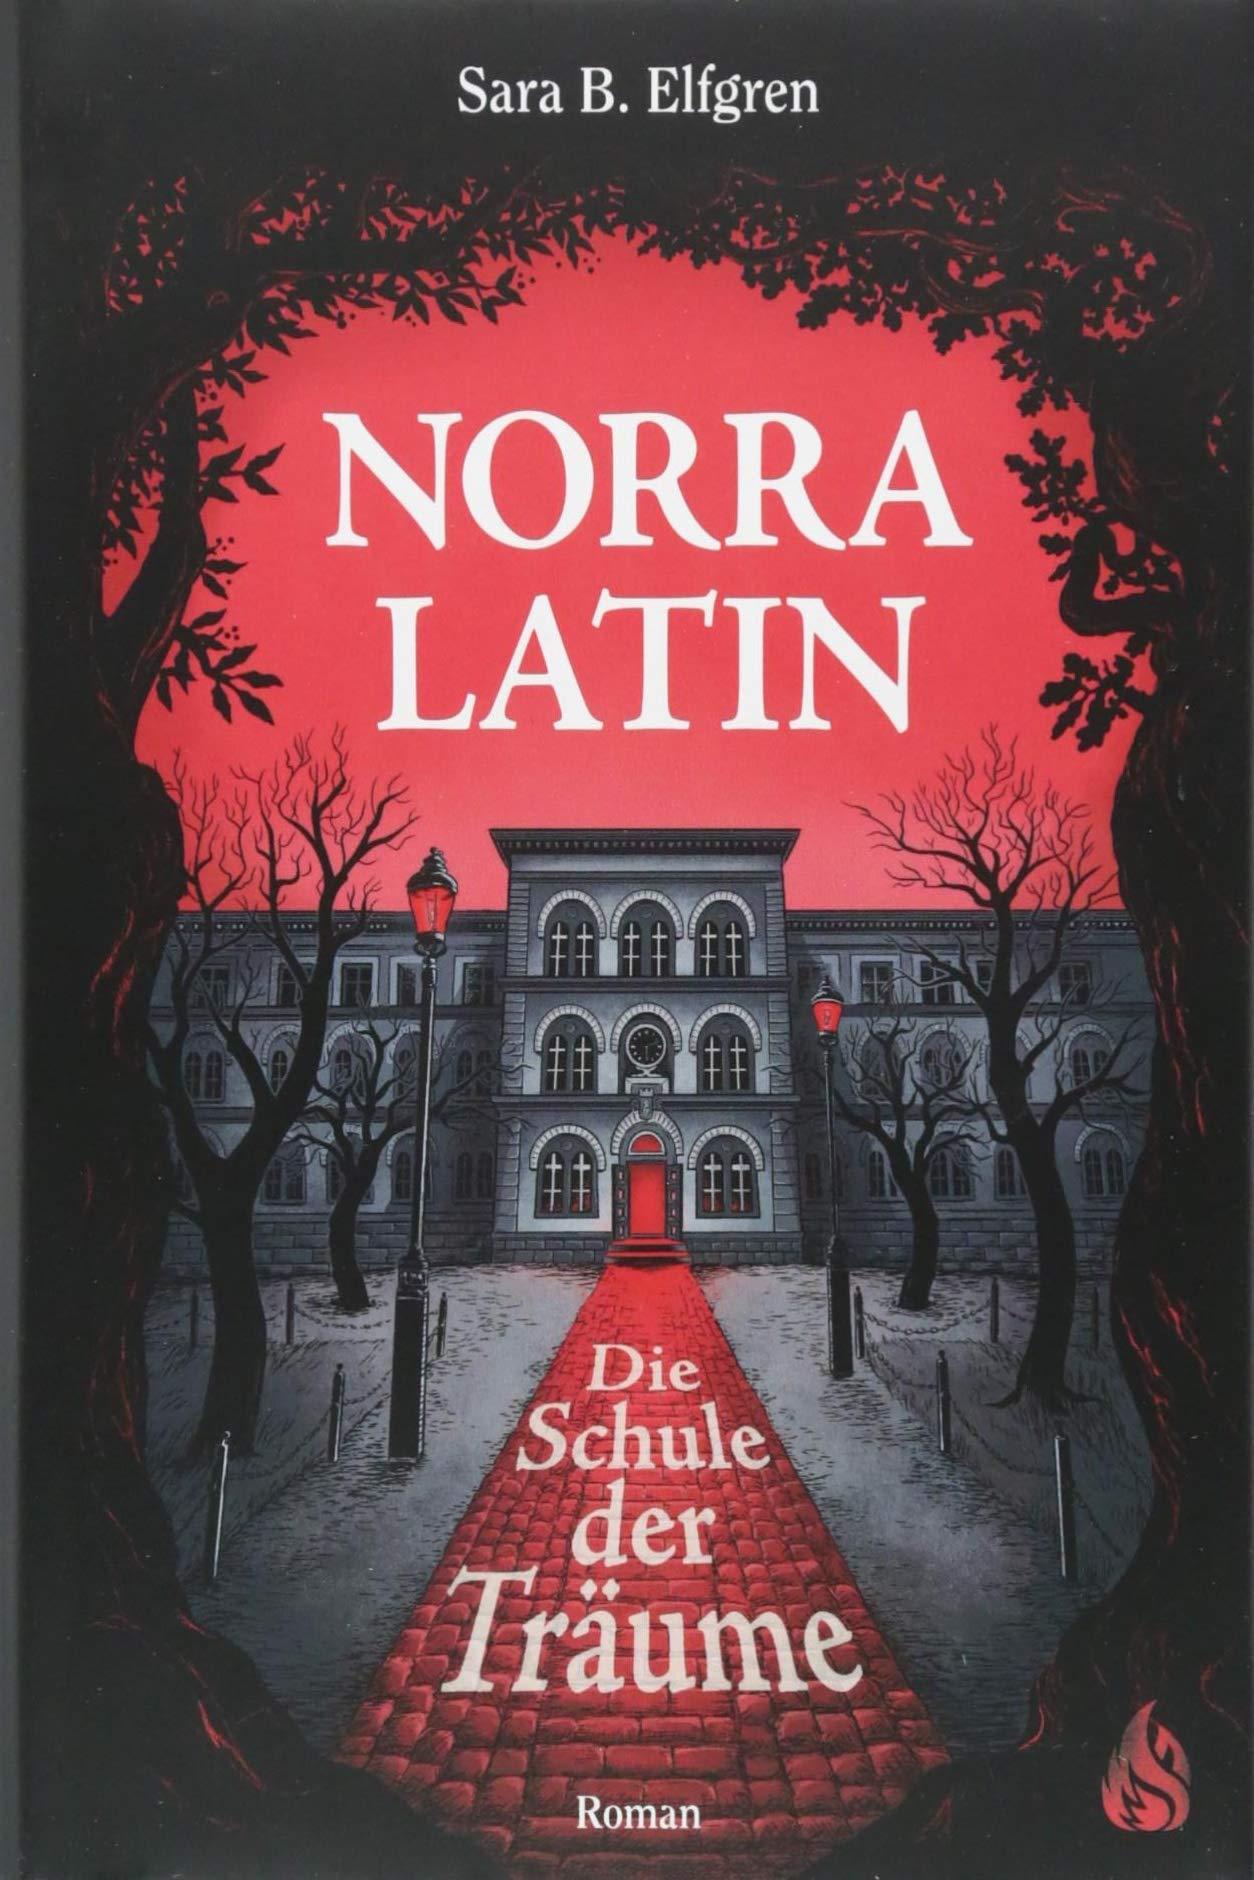 Norra Latin - Die Schule der Träume Gebundenes Buch – 31. August 2018 Sara B. Elfgren Katrin Frey Arctis Verlag 3038800171